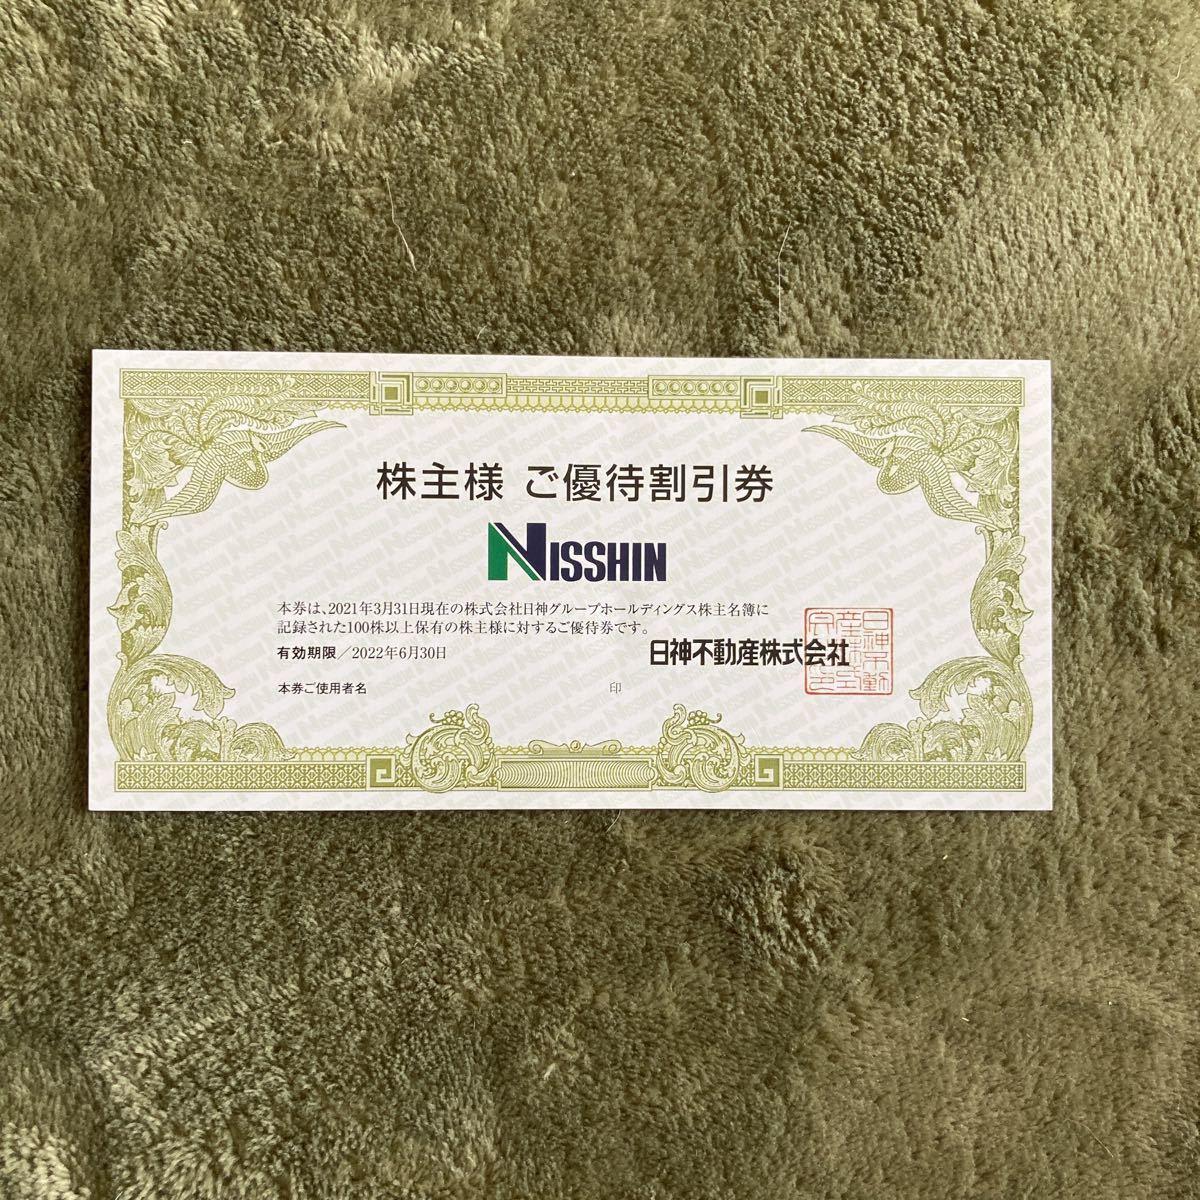 日神不動産 株主優待券/分譲価格1%割引/有効期限2022.6.30_画像1